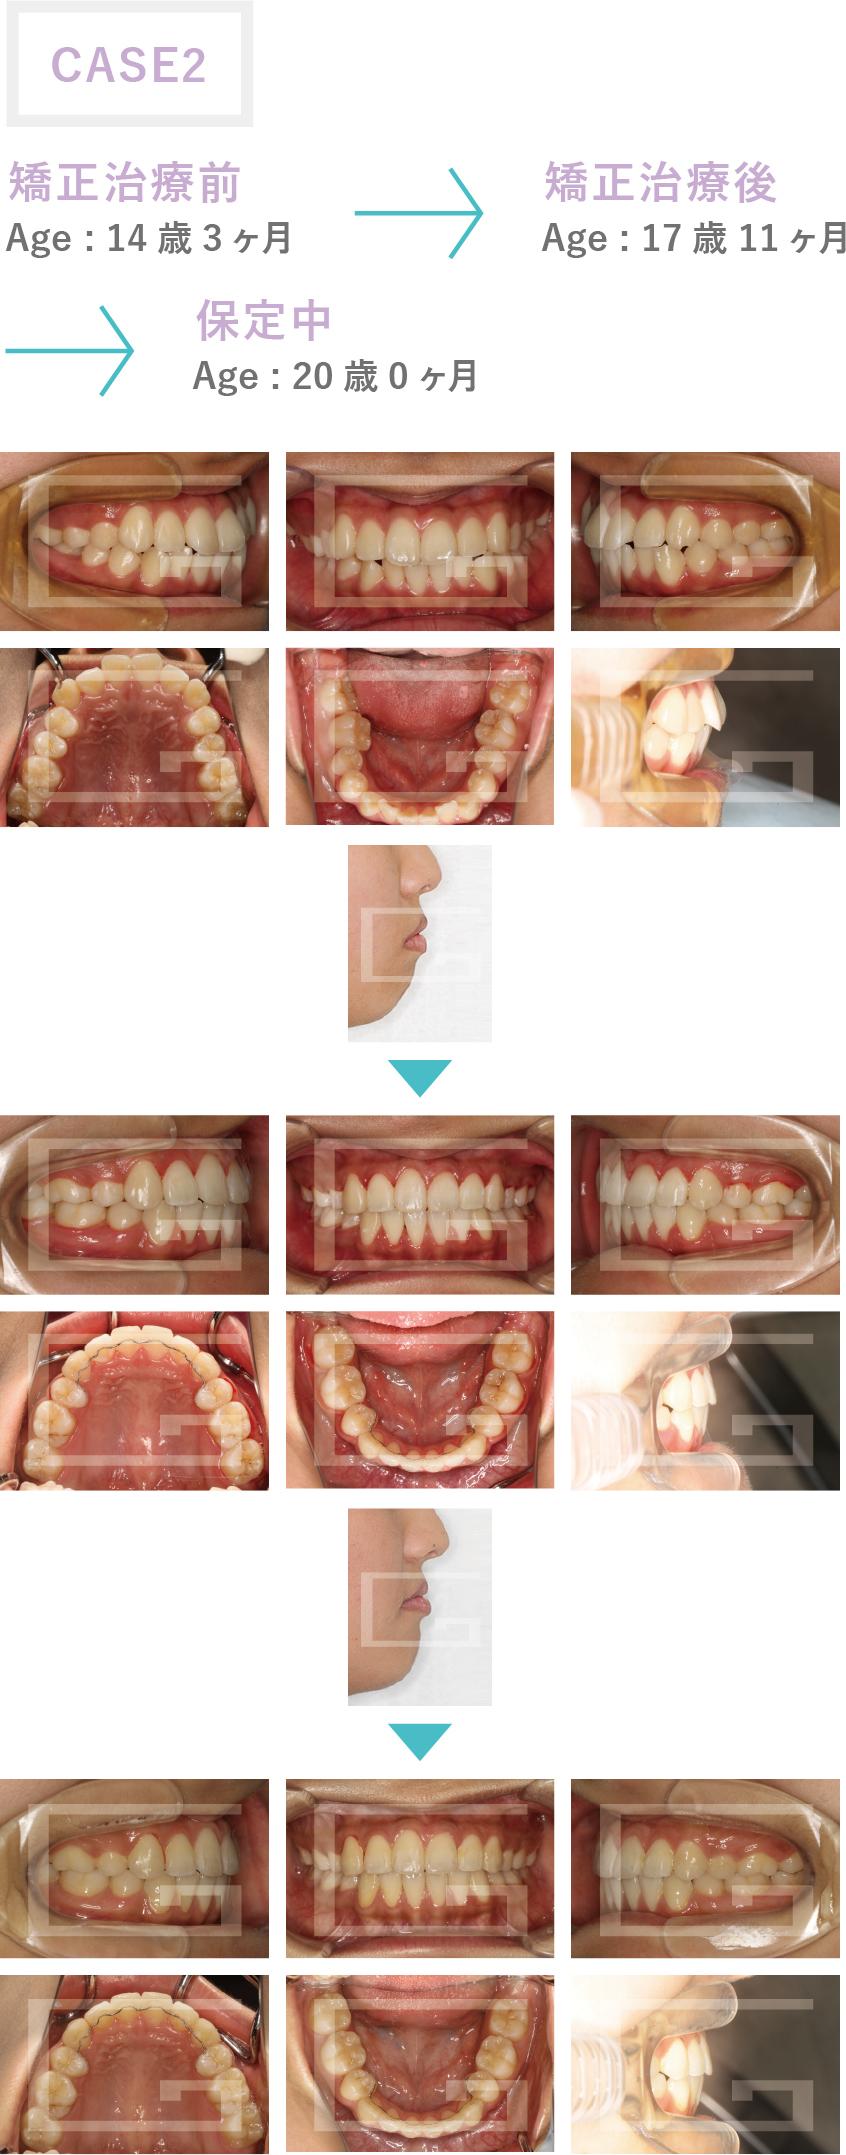 上下顎前突 case2